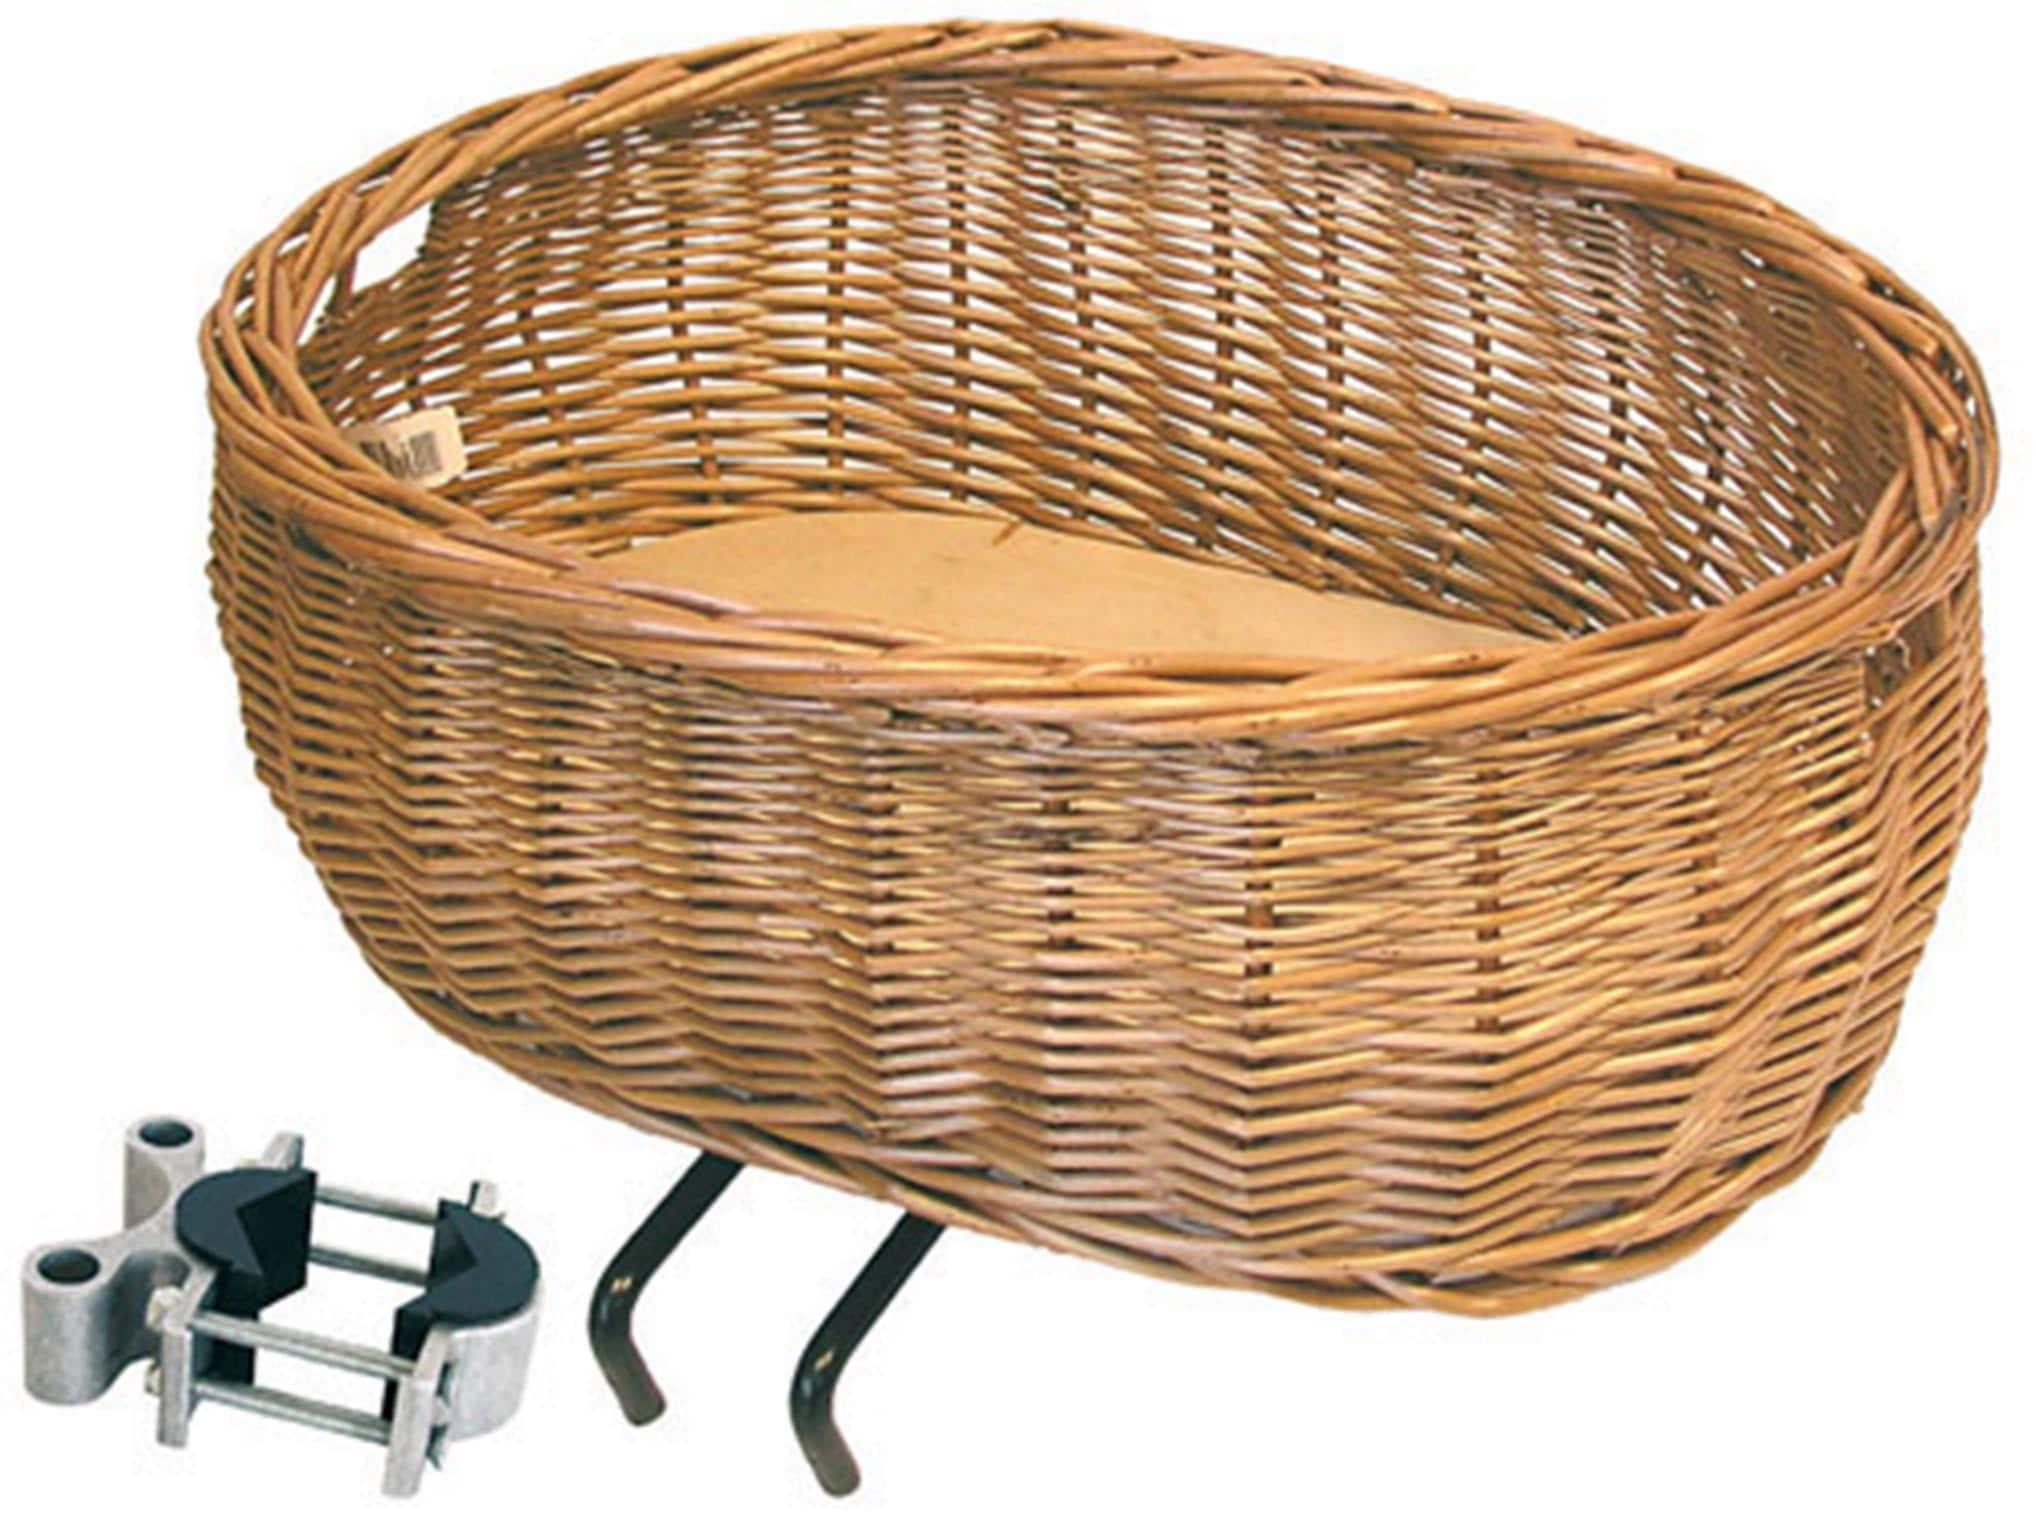 """Basil Fahrradkorb Weidenkorb Basil """"Pluto"""" Technik & Freizeit/Sport & Freizeit/Fahrräder & Zubehör/Fahrradzubehör/Fahrradkörbe"""